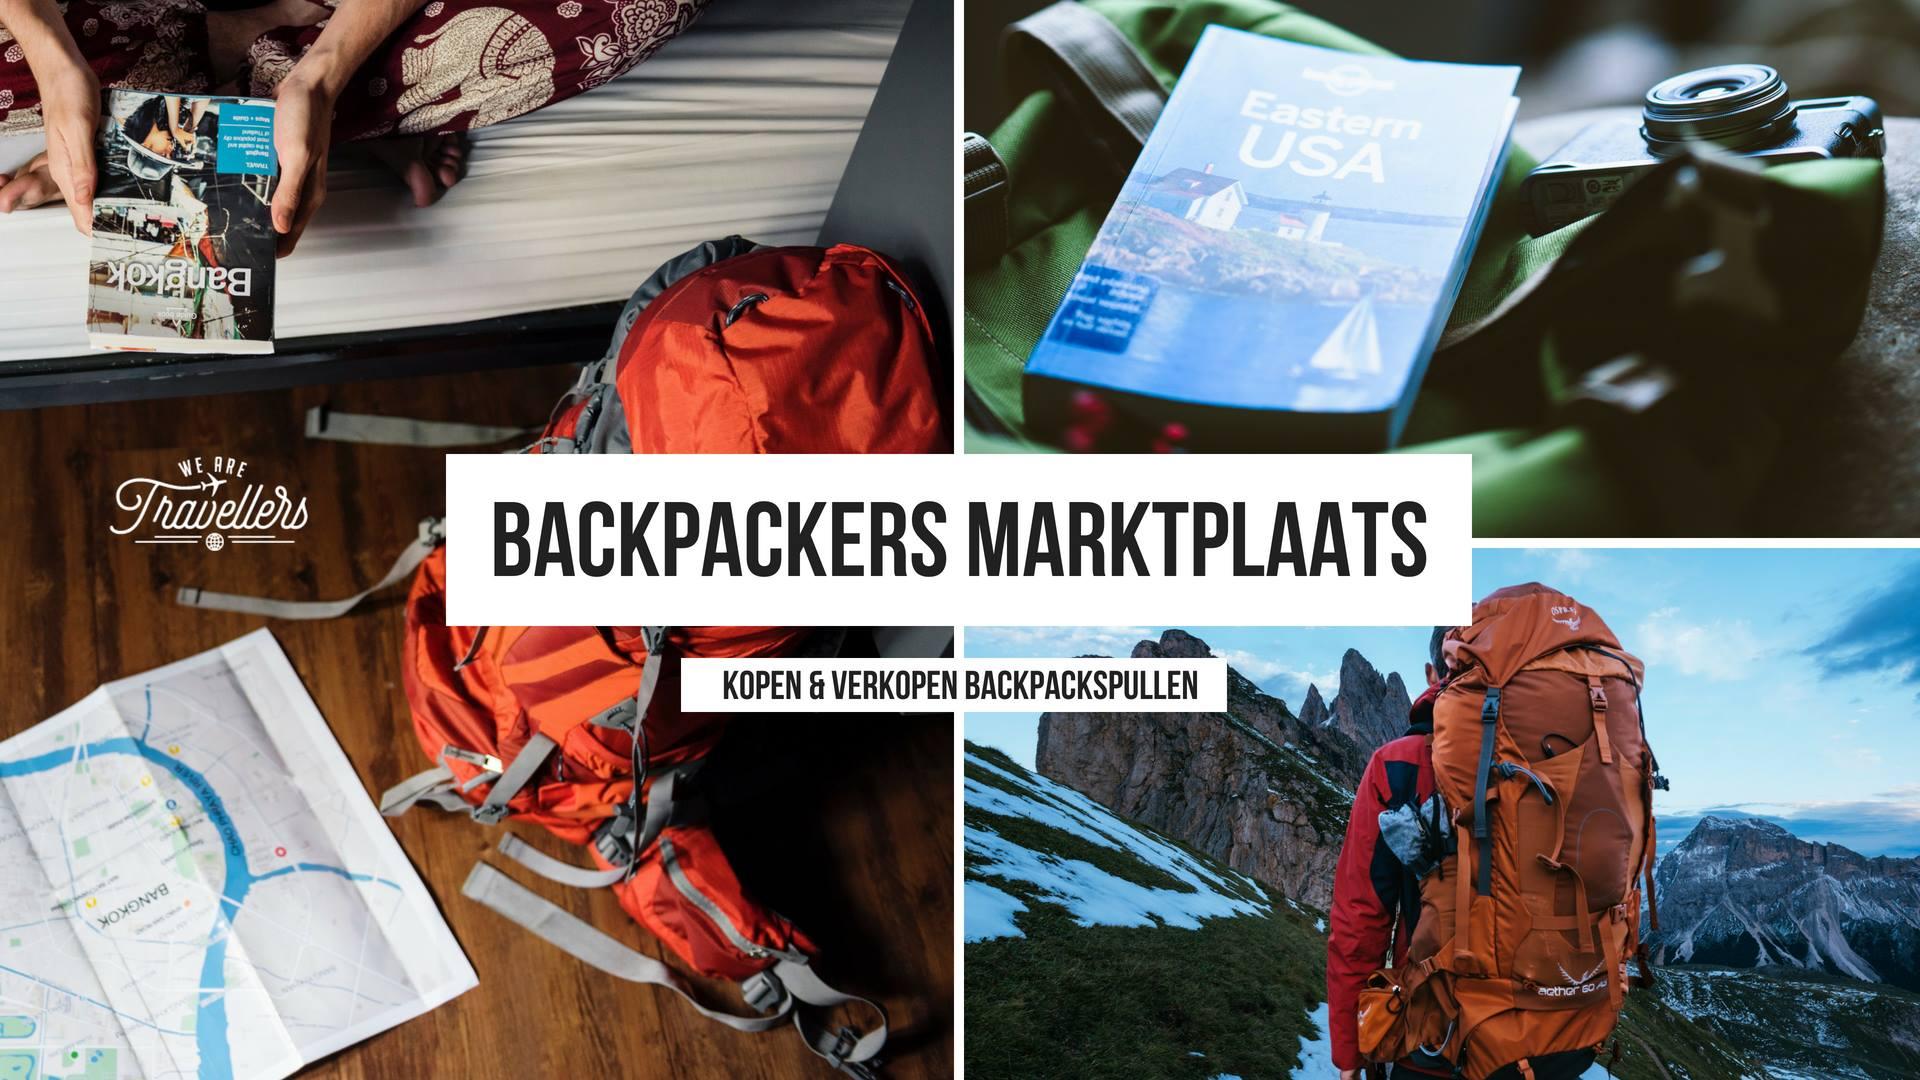 goedkope backpack spullen backpackers marktplaats